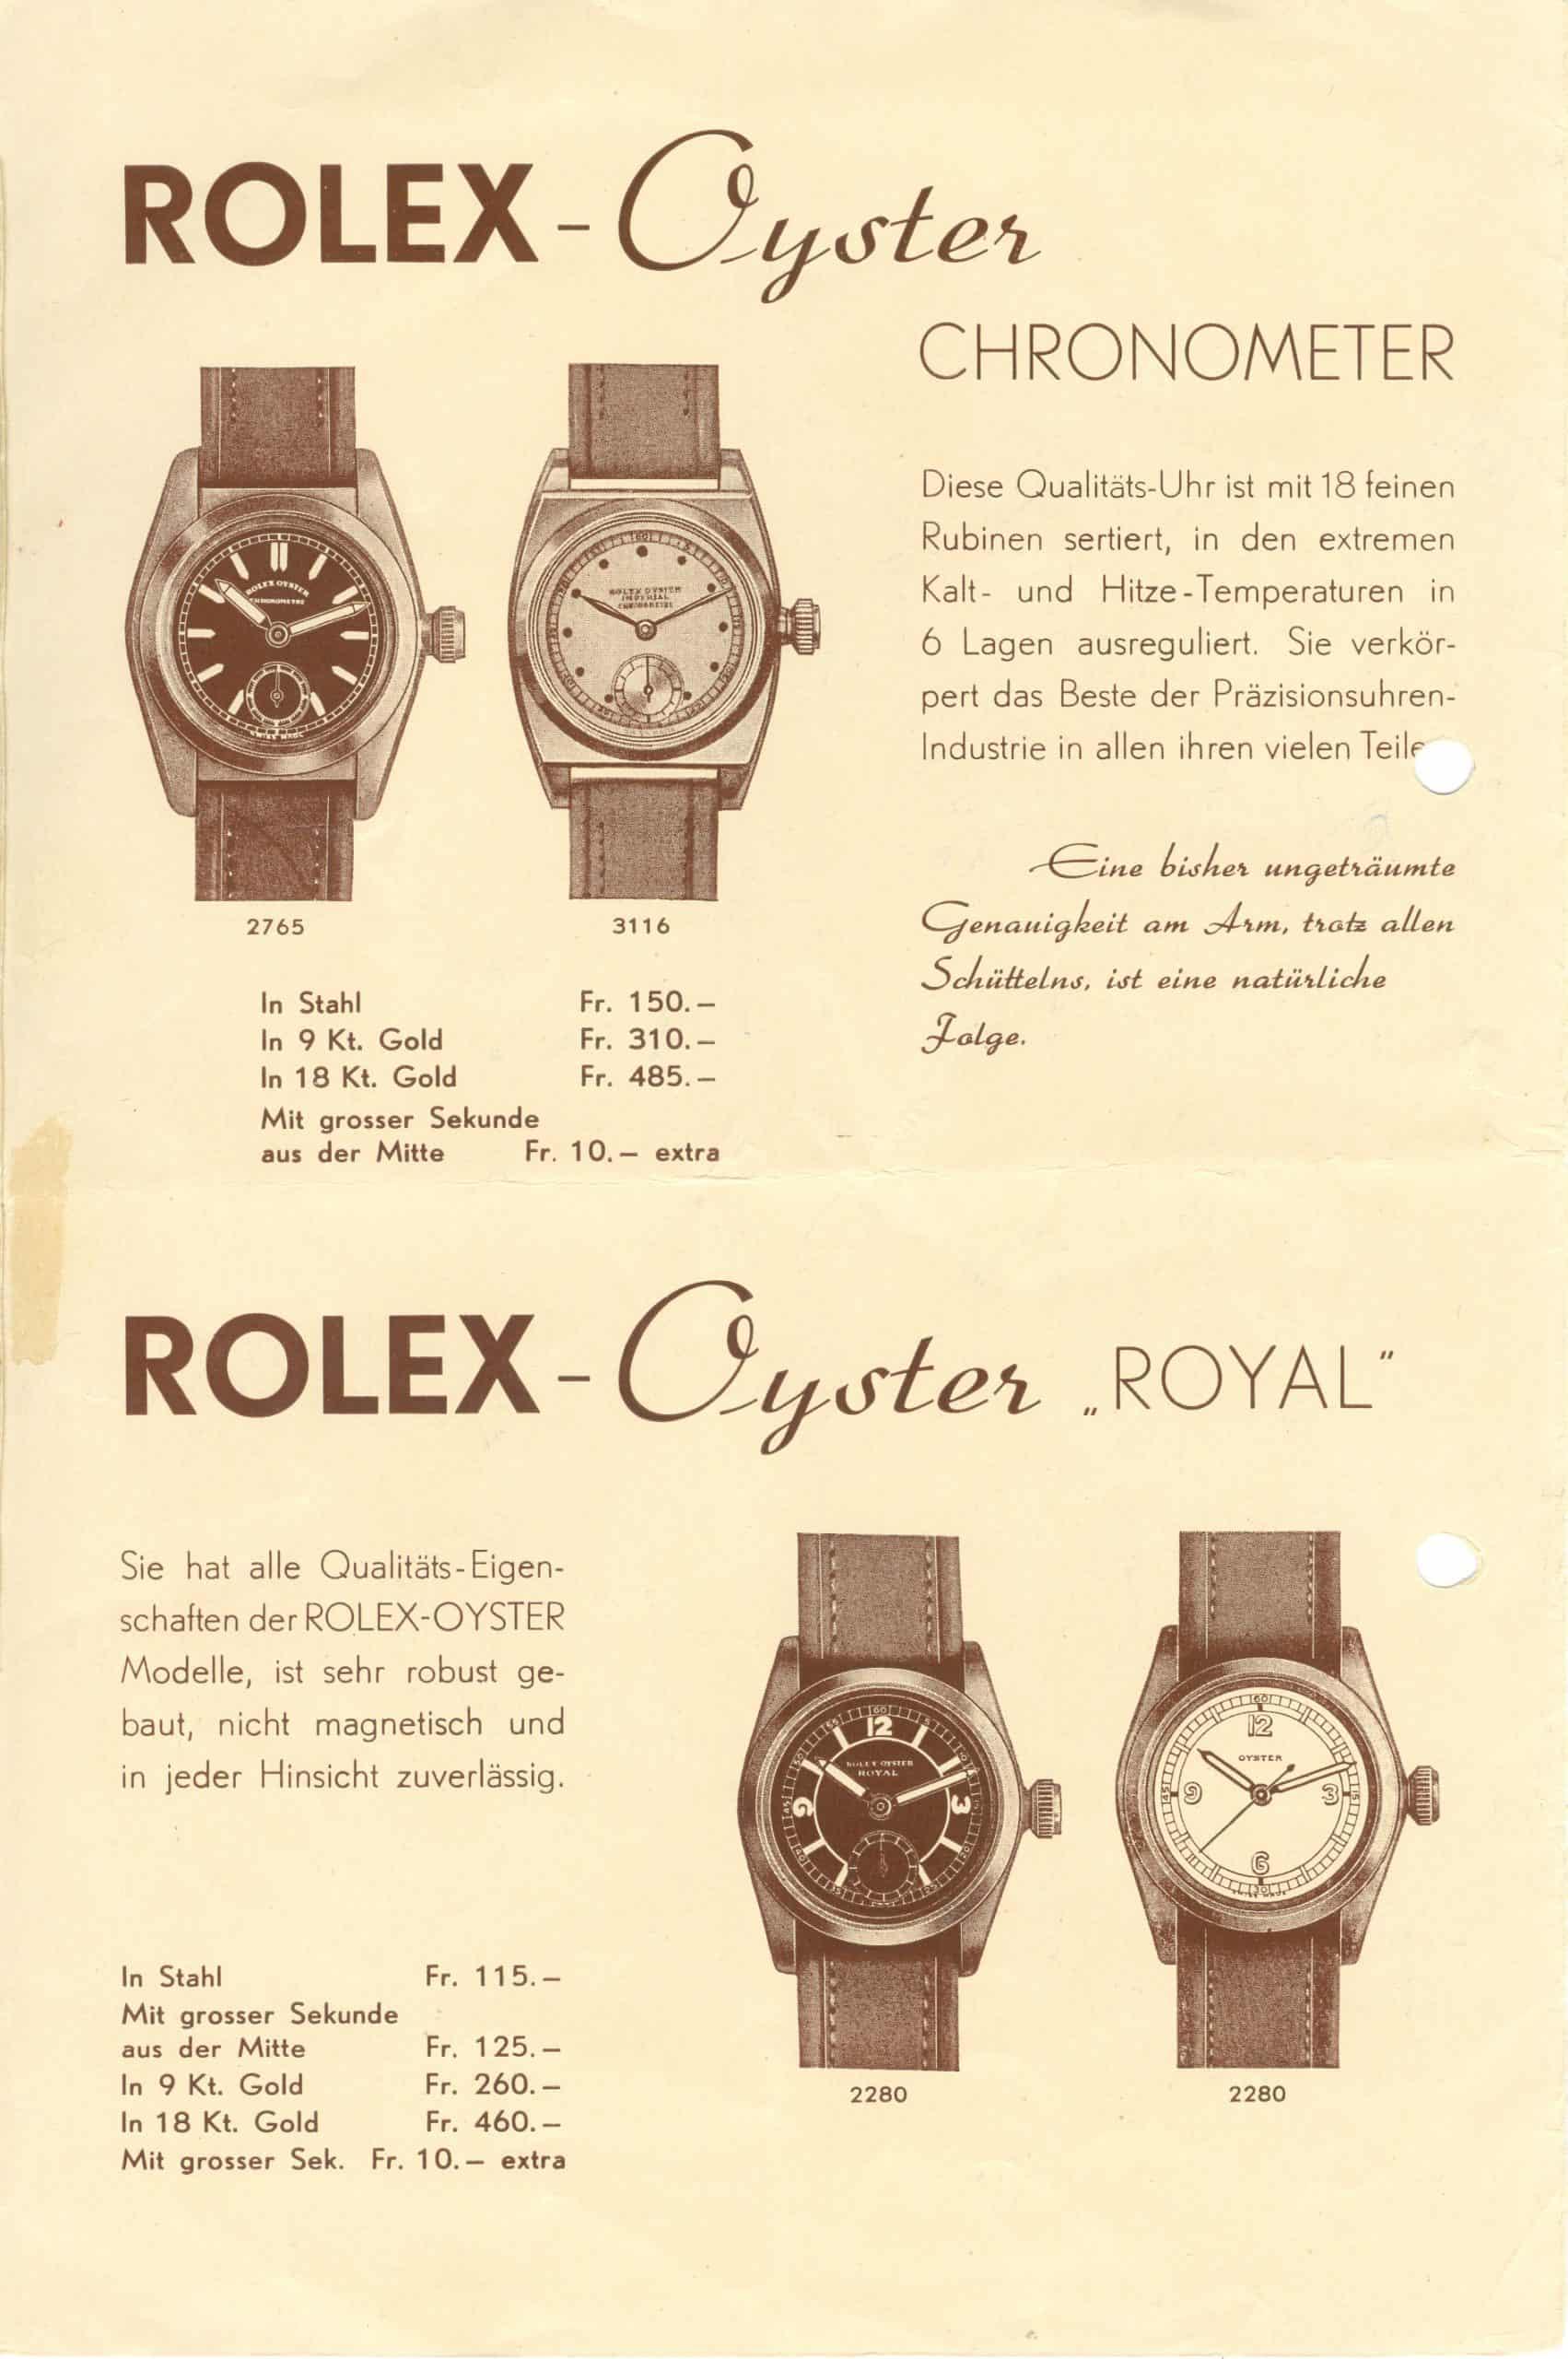 Wasserdichte Rolex Oyster im Prospekt von ca. 1928